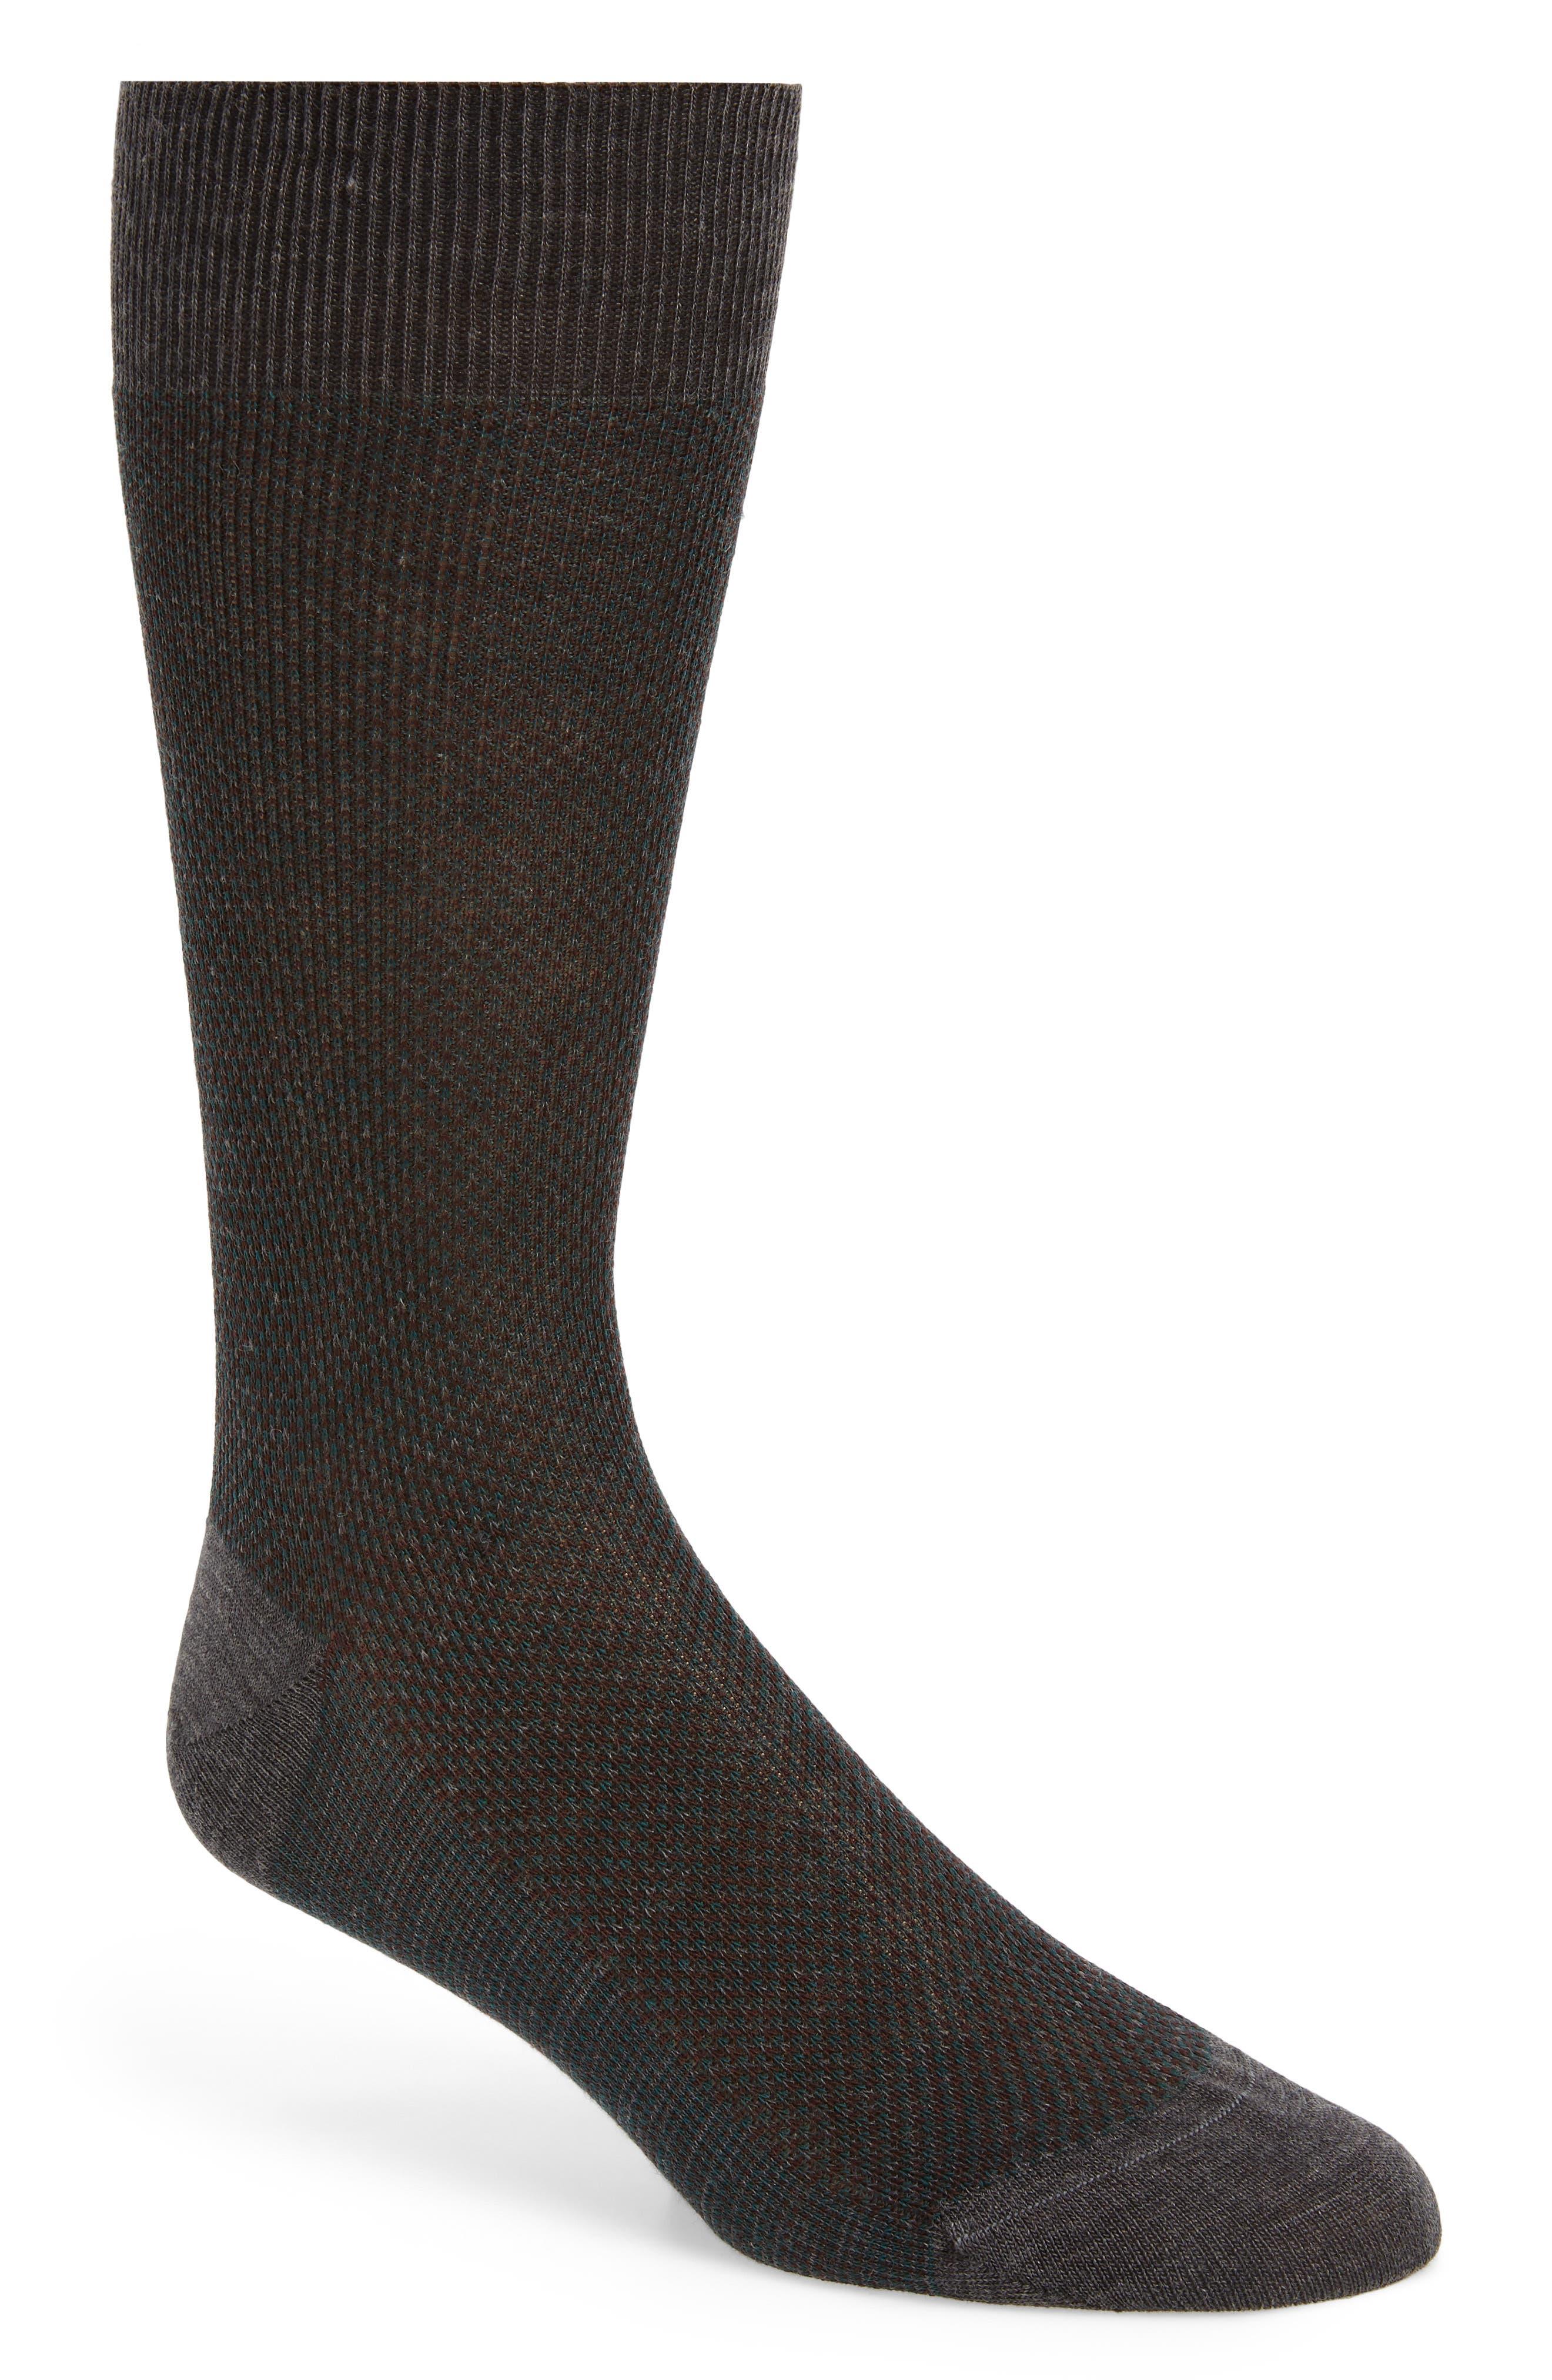 History of Vintage Men's Socks -1900 to 1960s Mens Pantherella Vintage Collection - Blenheim Merino Wool Blend Socks Size One Size - Grey $11.98 AT vintagedancer.com